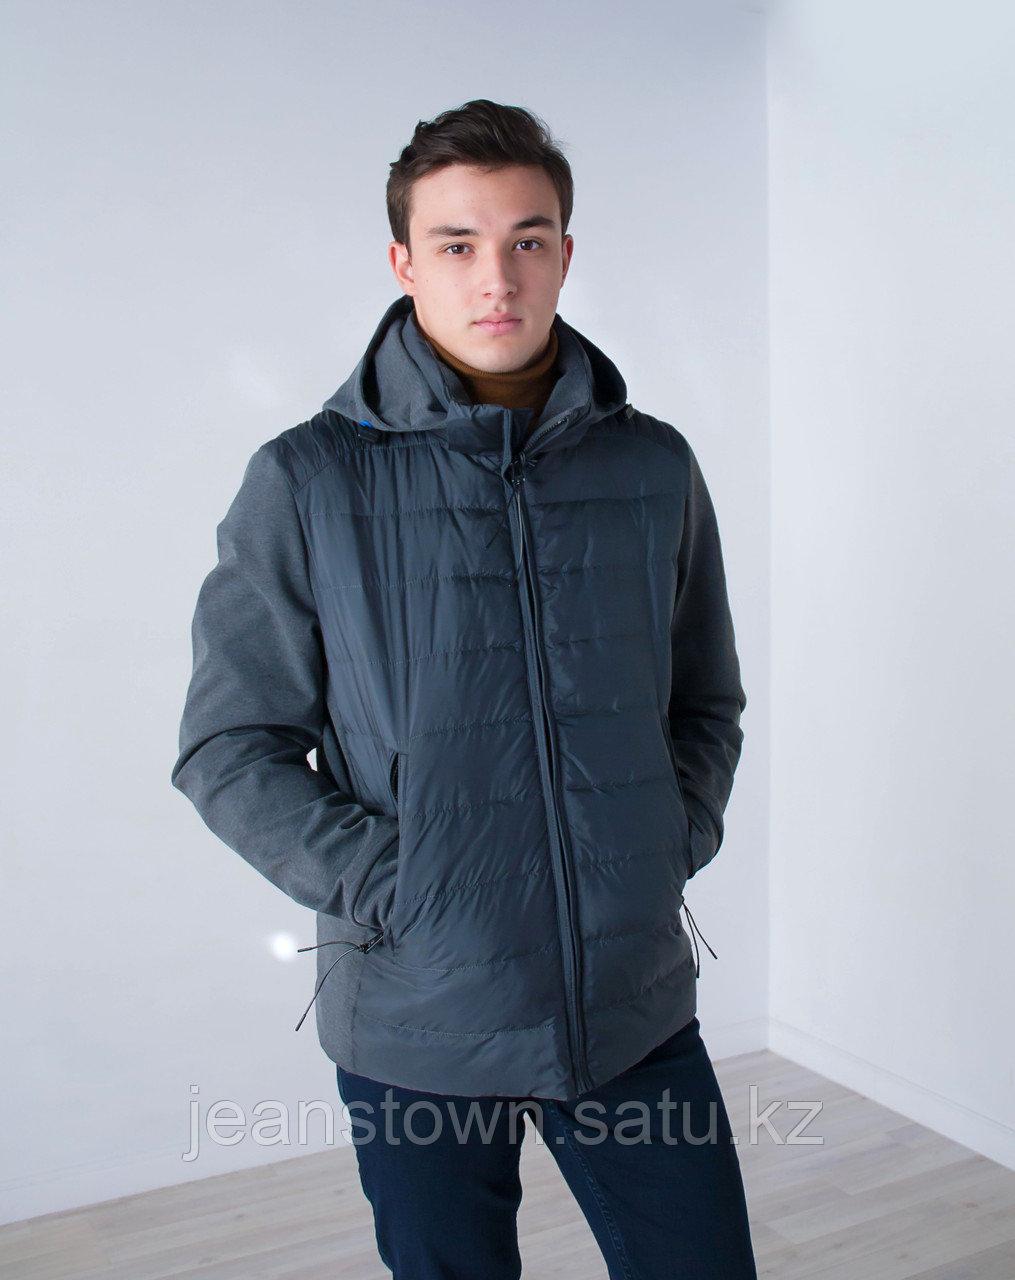 Куртка мужская  демисезонная Vivacana серая,трикотажный капюшон